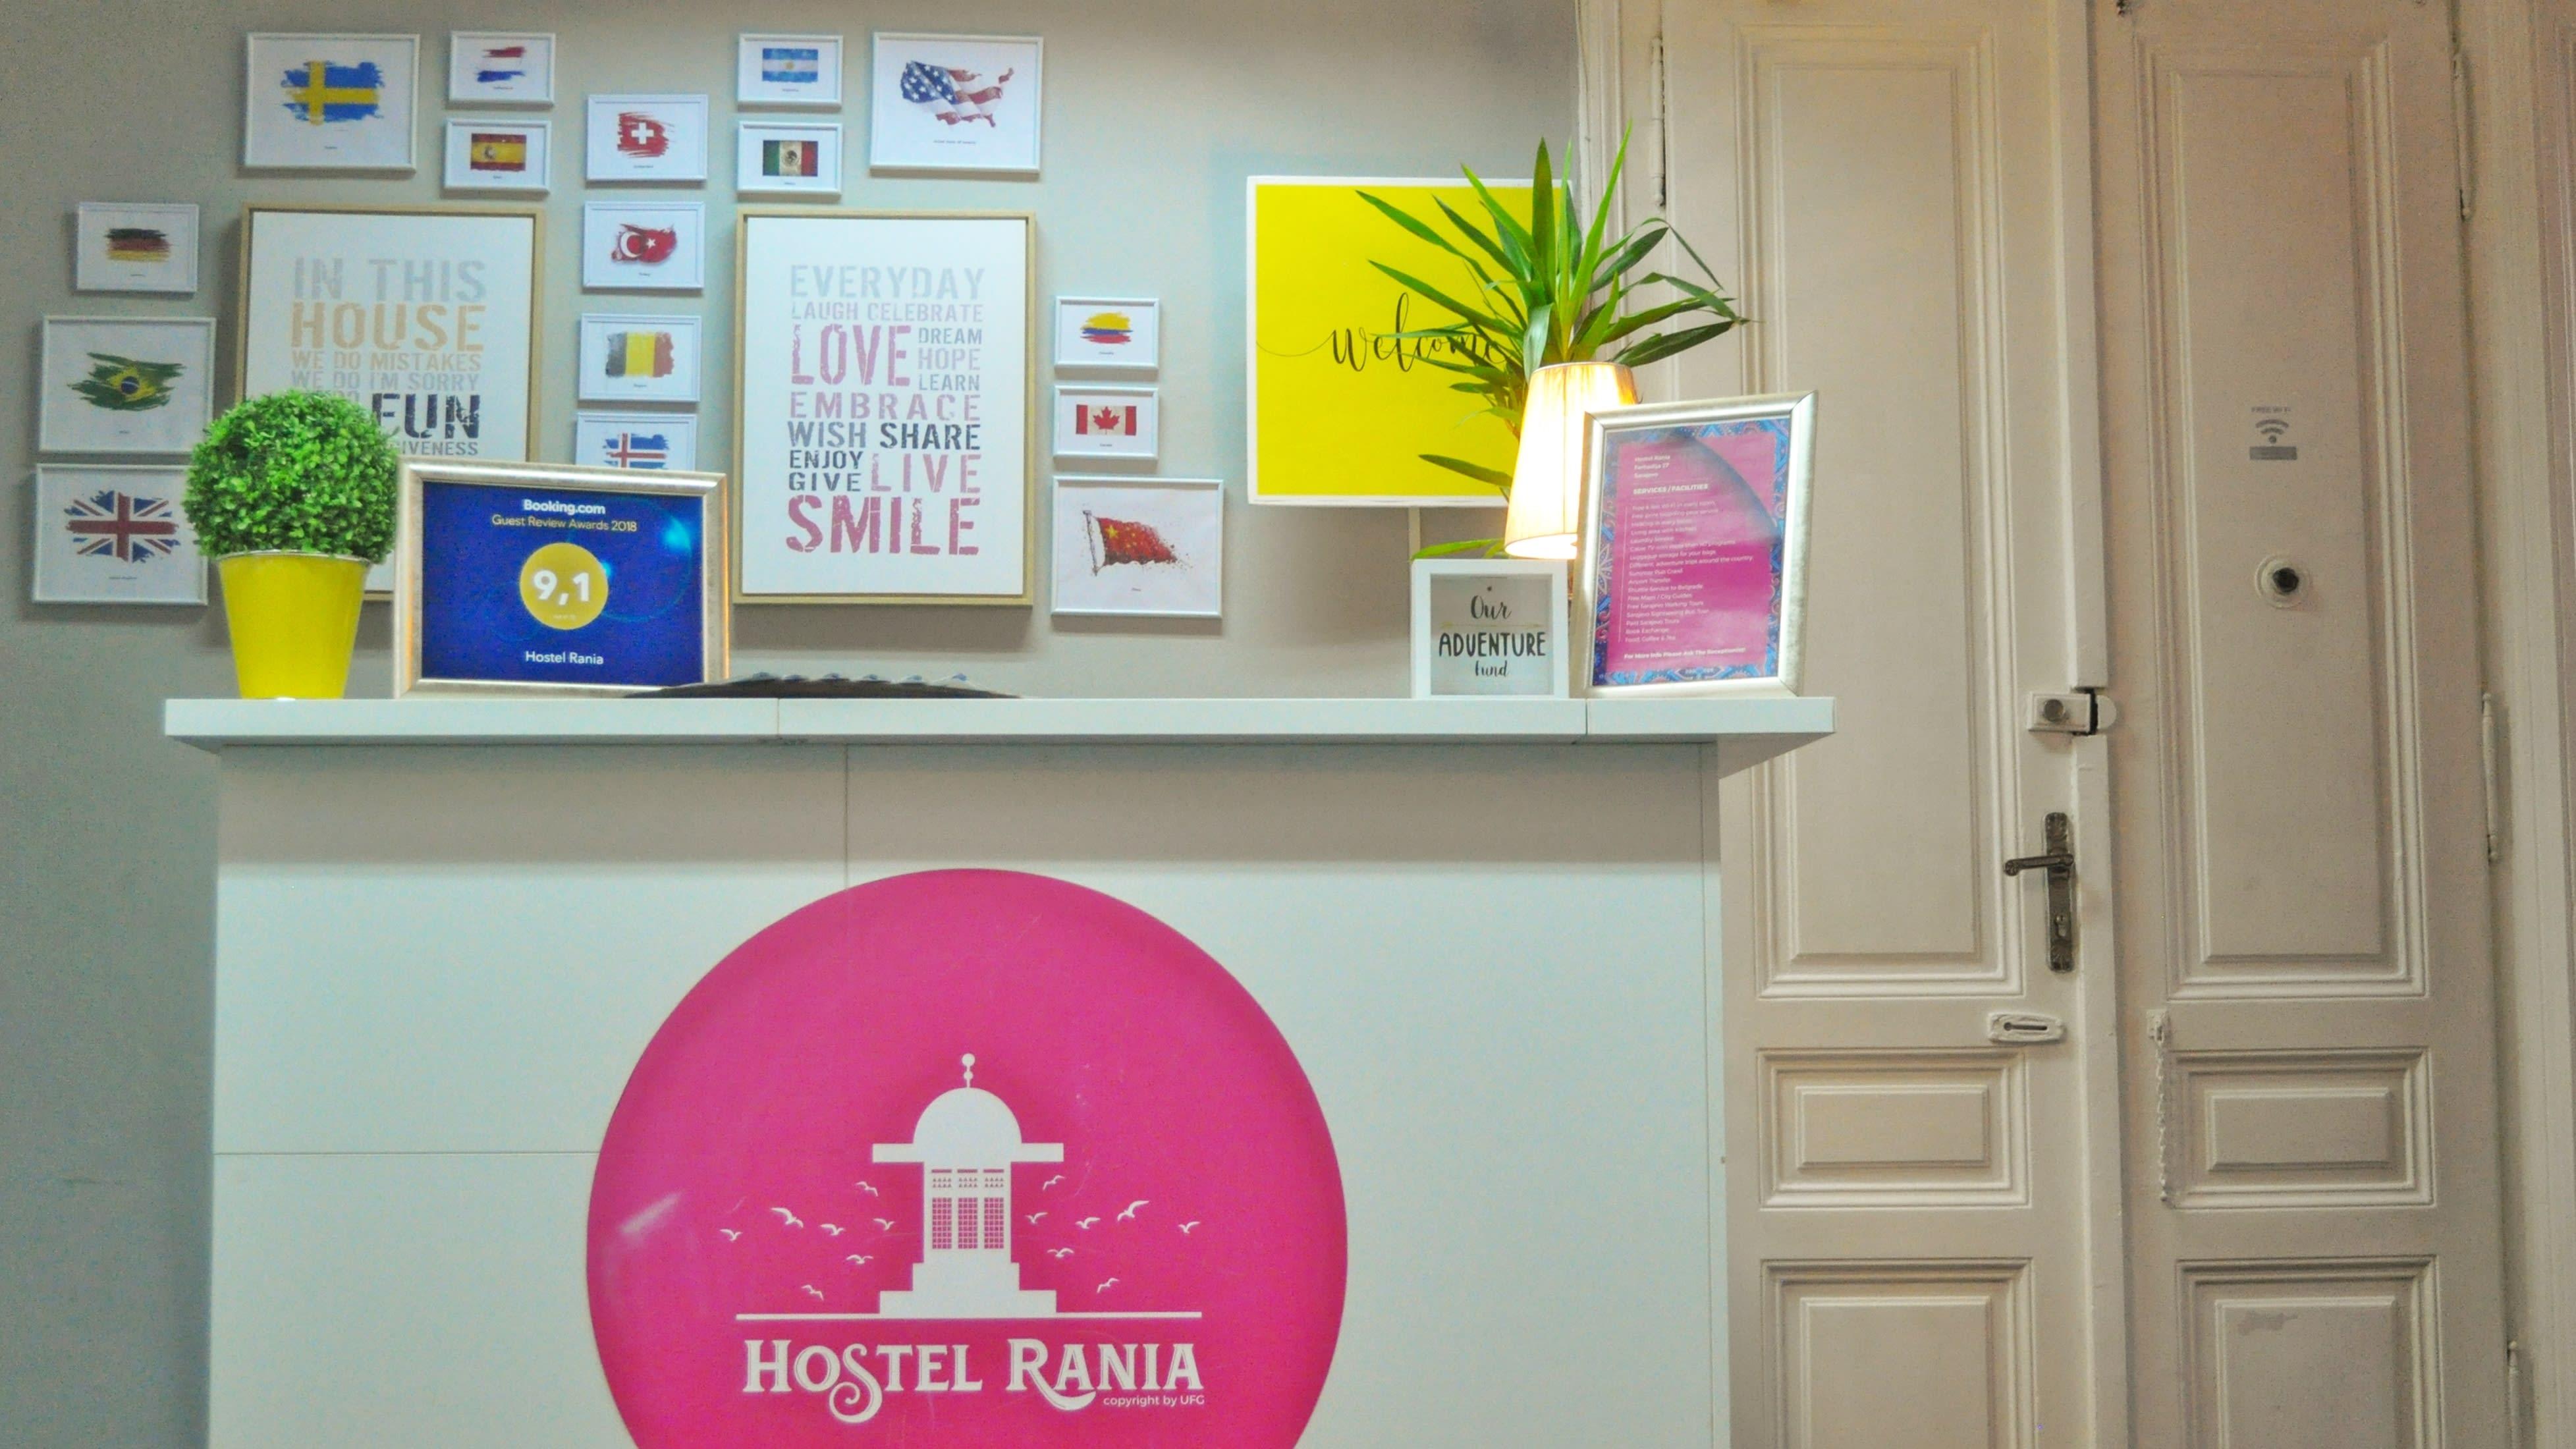 HOSTEL - Hostel Rania